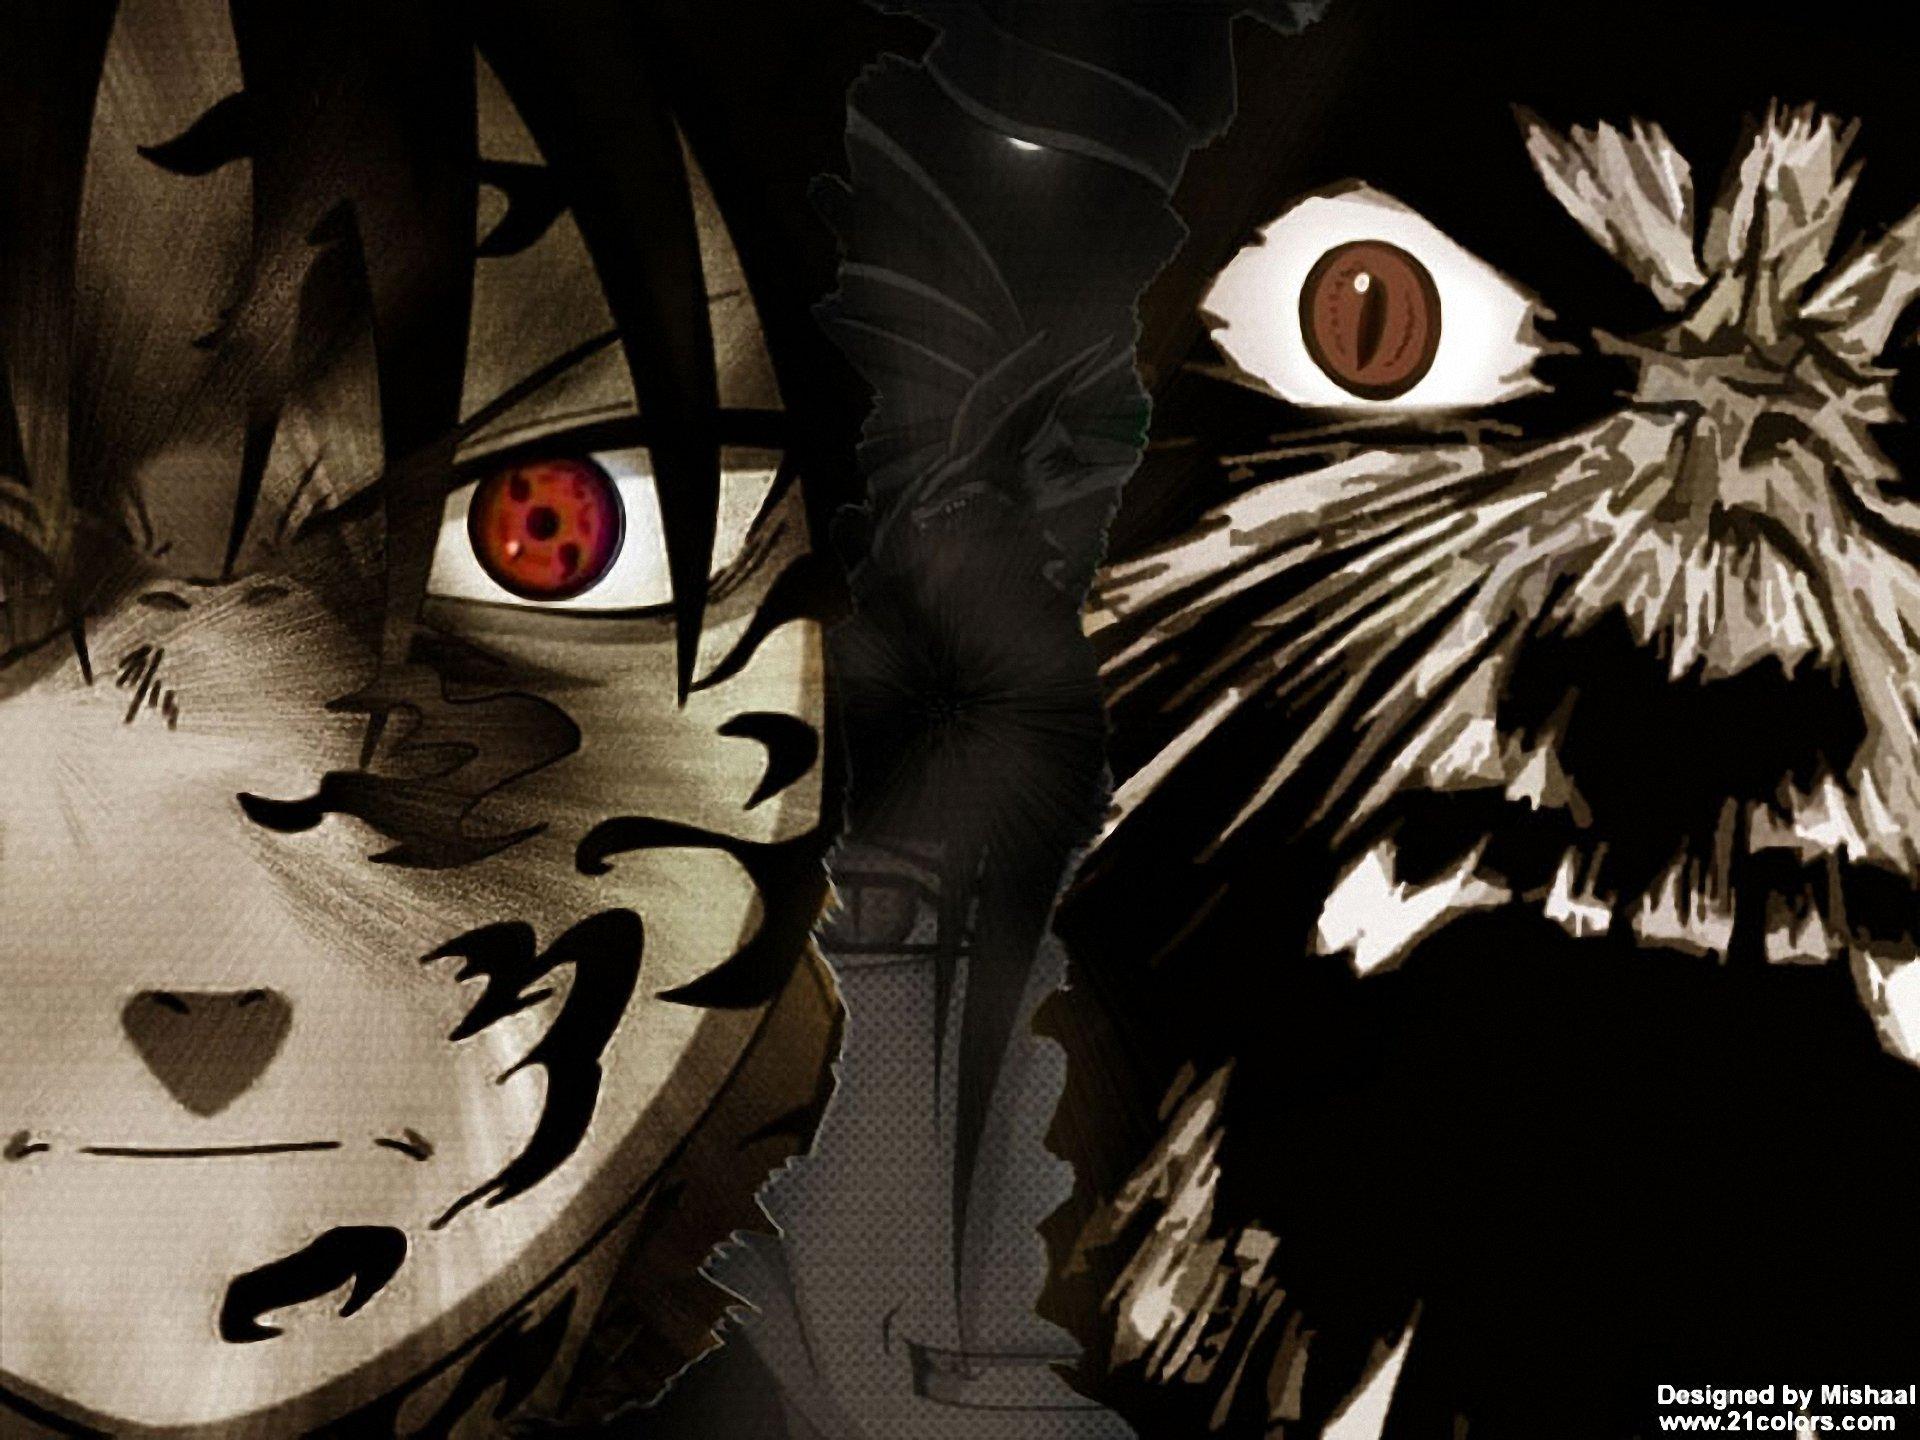 Anime - Naruto  Naruto Uzumaki Sasuke Uchiha Wallpaper